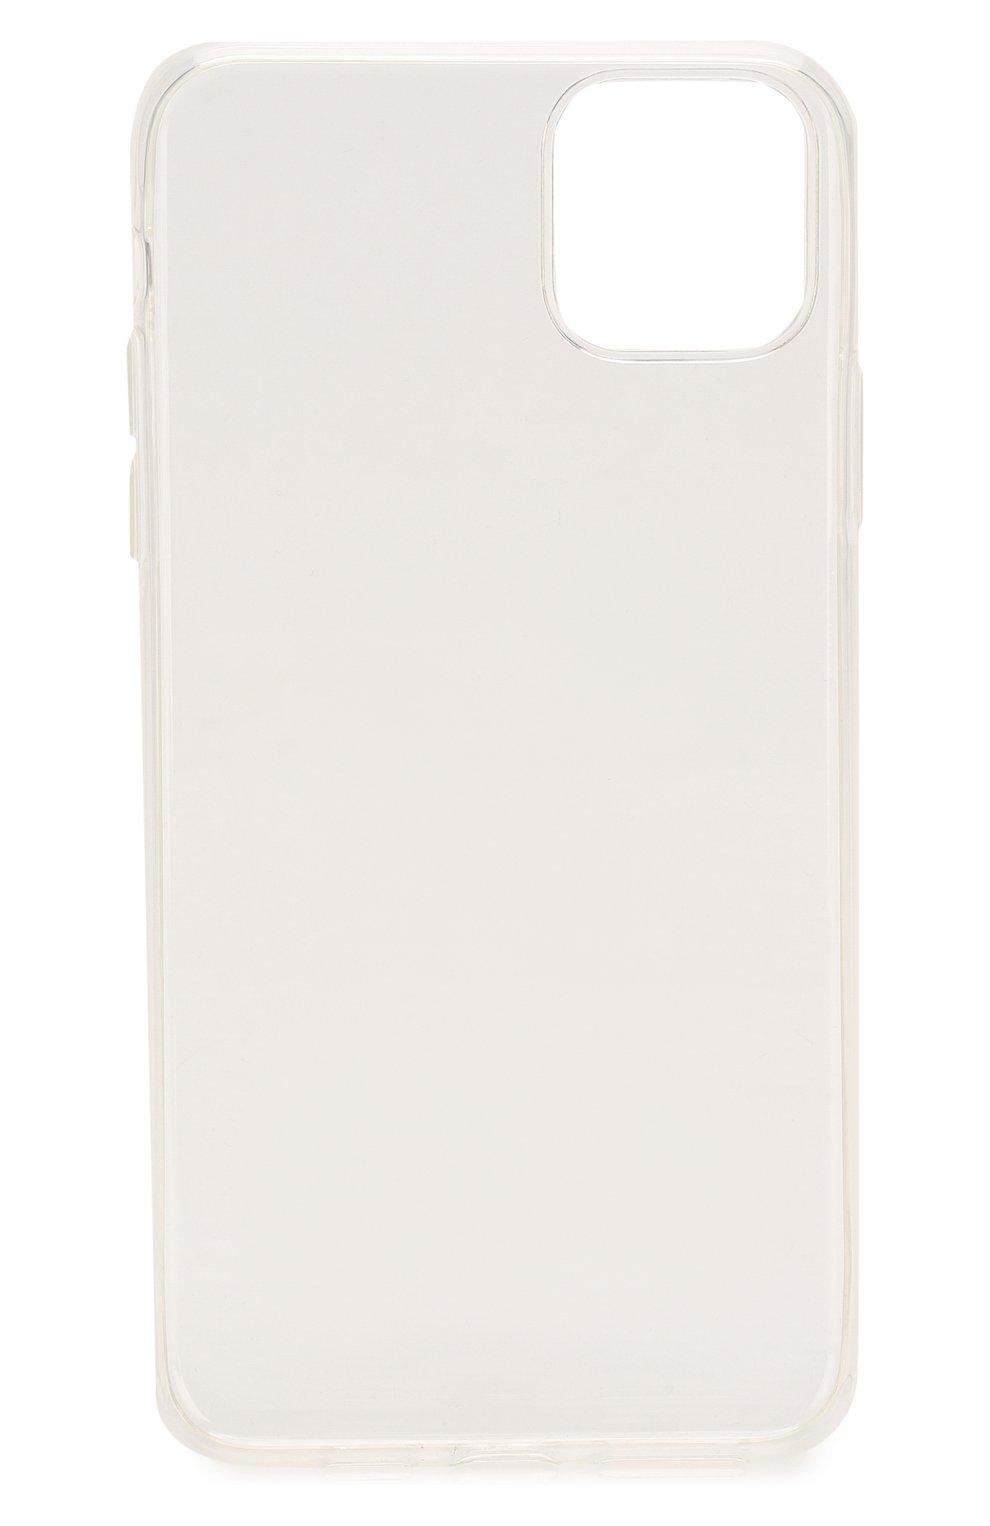 Чехол для iphone 11 pro max UBEAR прозрачного цвета, арт. CS46TT65-I19 | Фото 2